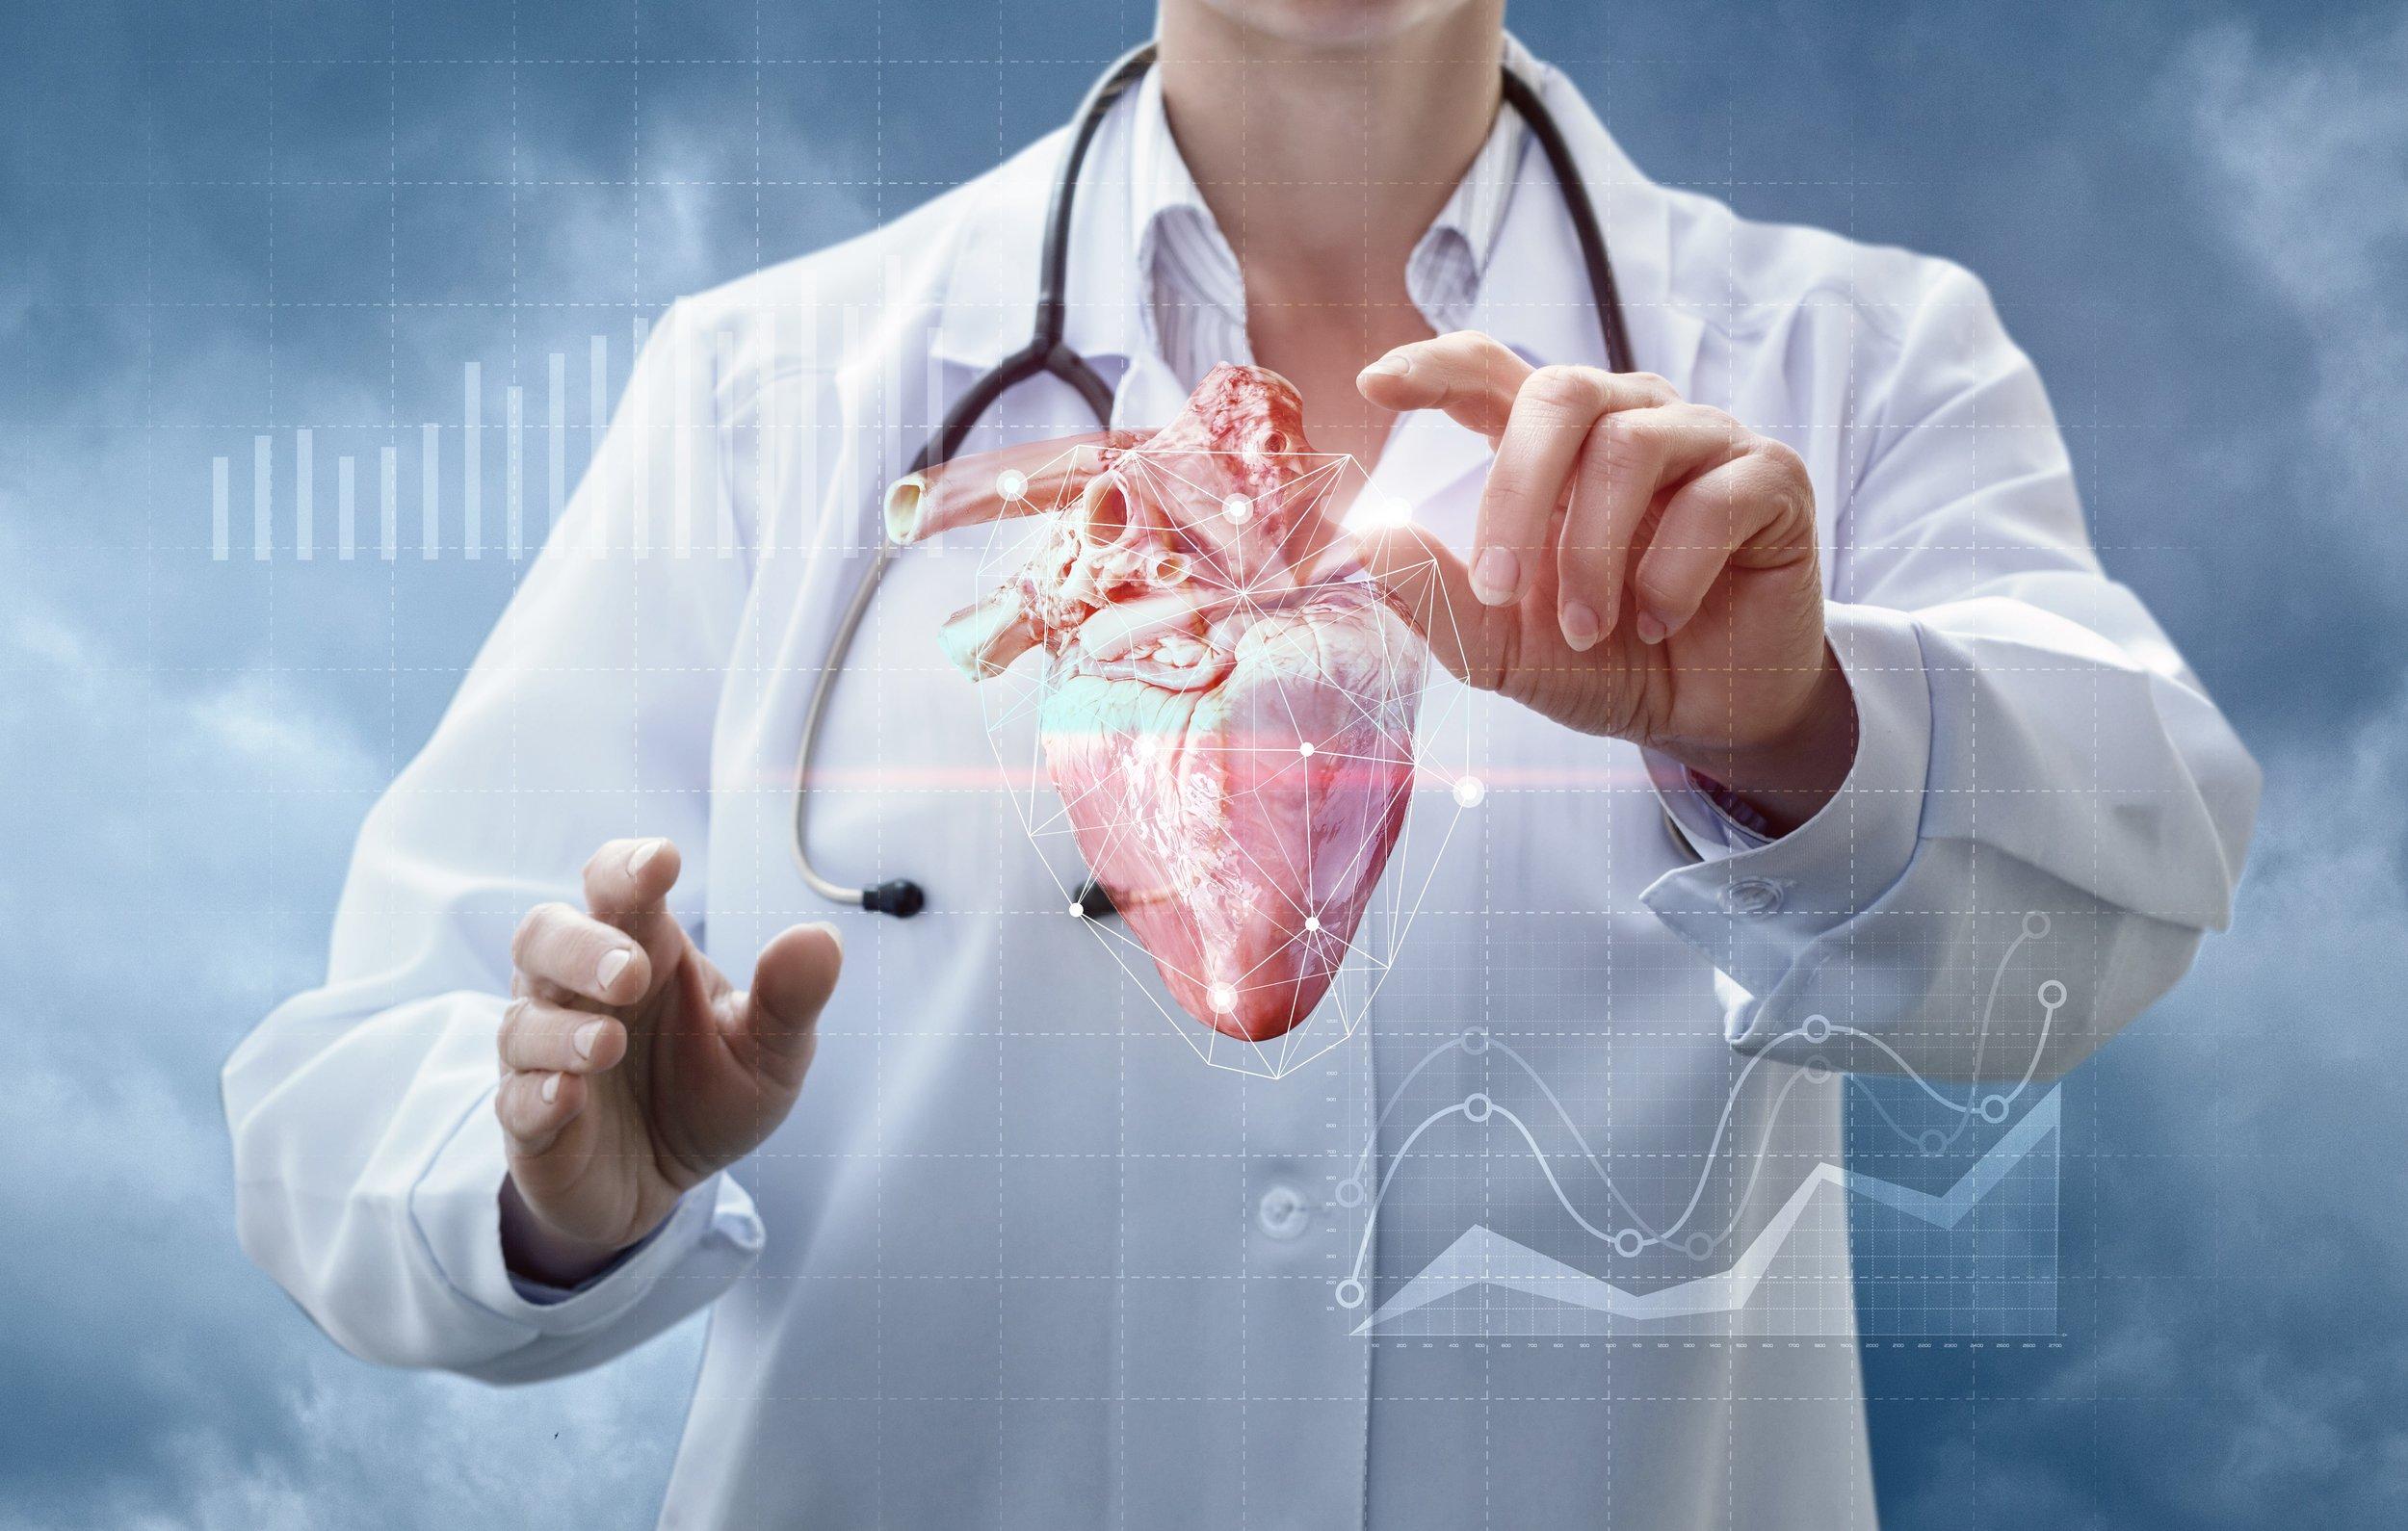 Cirurgia Cardiovascular - Destinado a médicos brasileiros e estrangeiros, este curso tem duração de cinco anos e as aulas